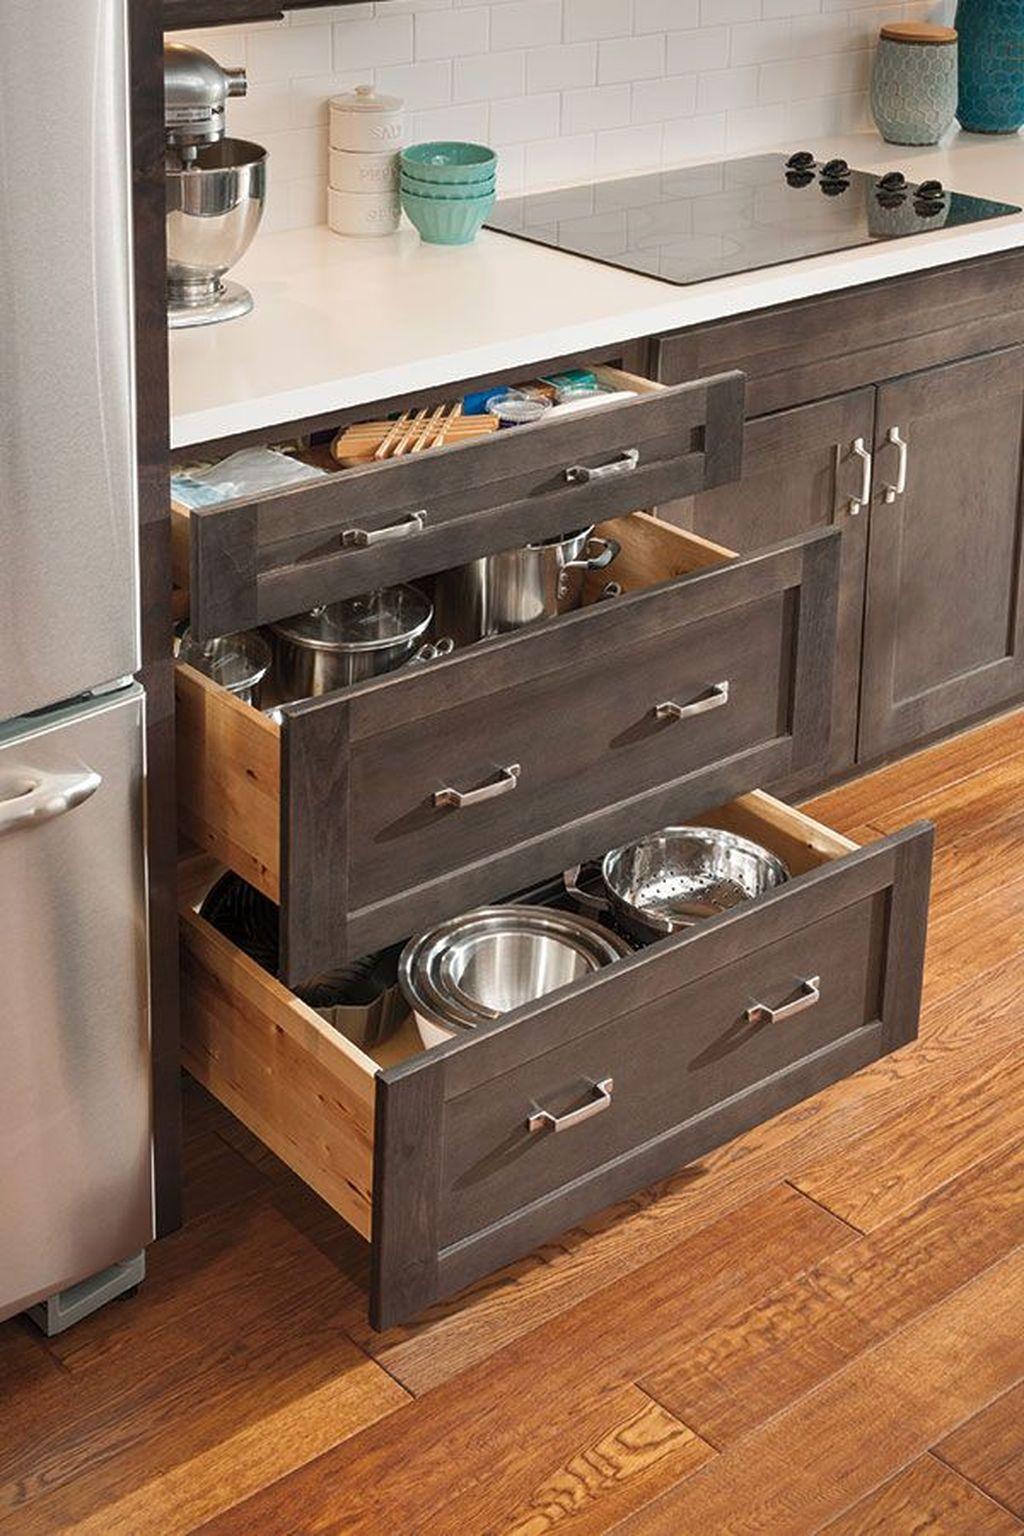 33 Attractive Small Kitchen Design Ideas In 2021 Budget Kitchen Solution Kitchen Design Small Kitchen Drawers Kitchen Drawer Organization